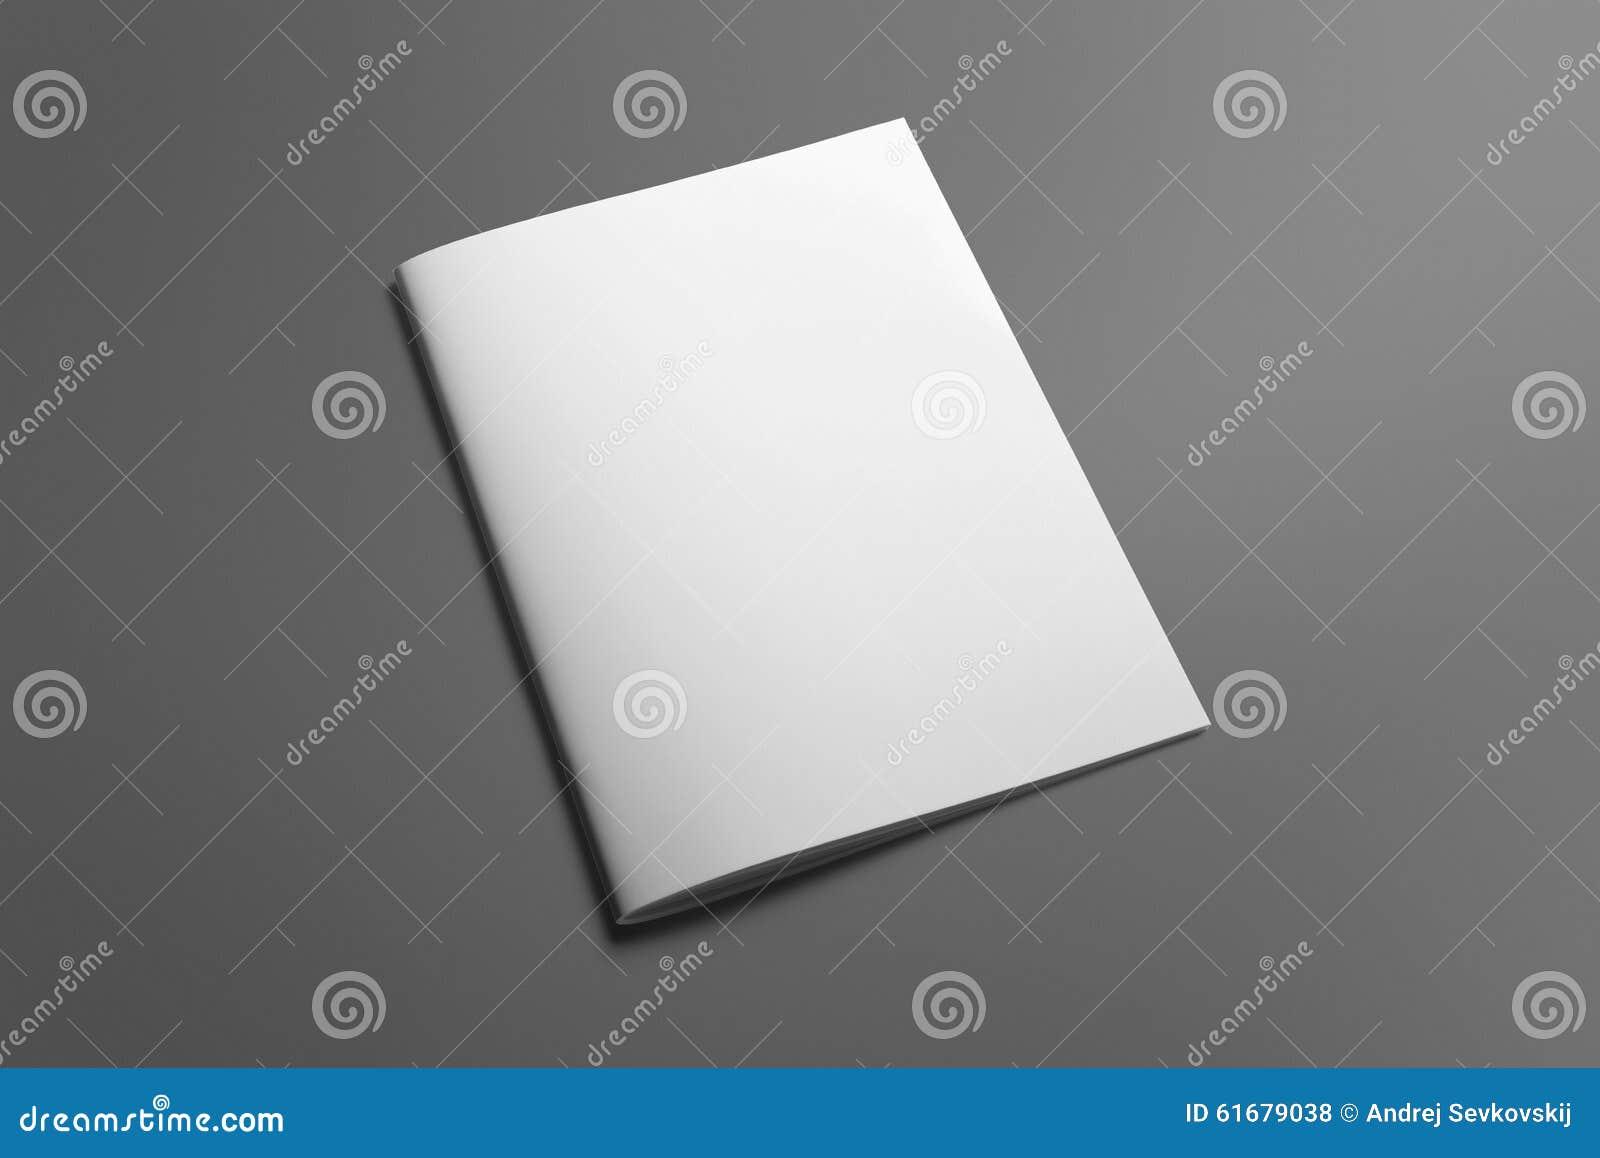 Pusty broszurka magazyn na popielatym zamieniać twój projekt